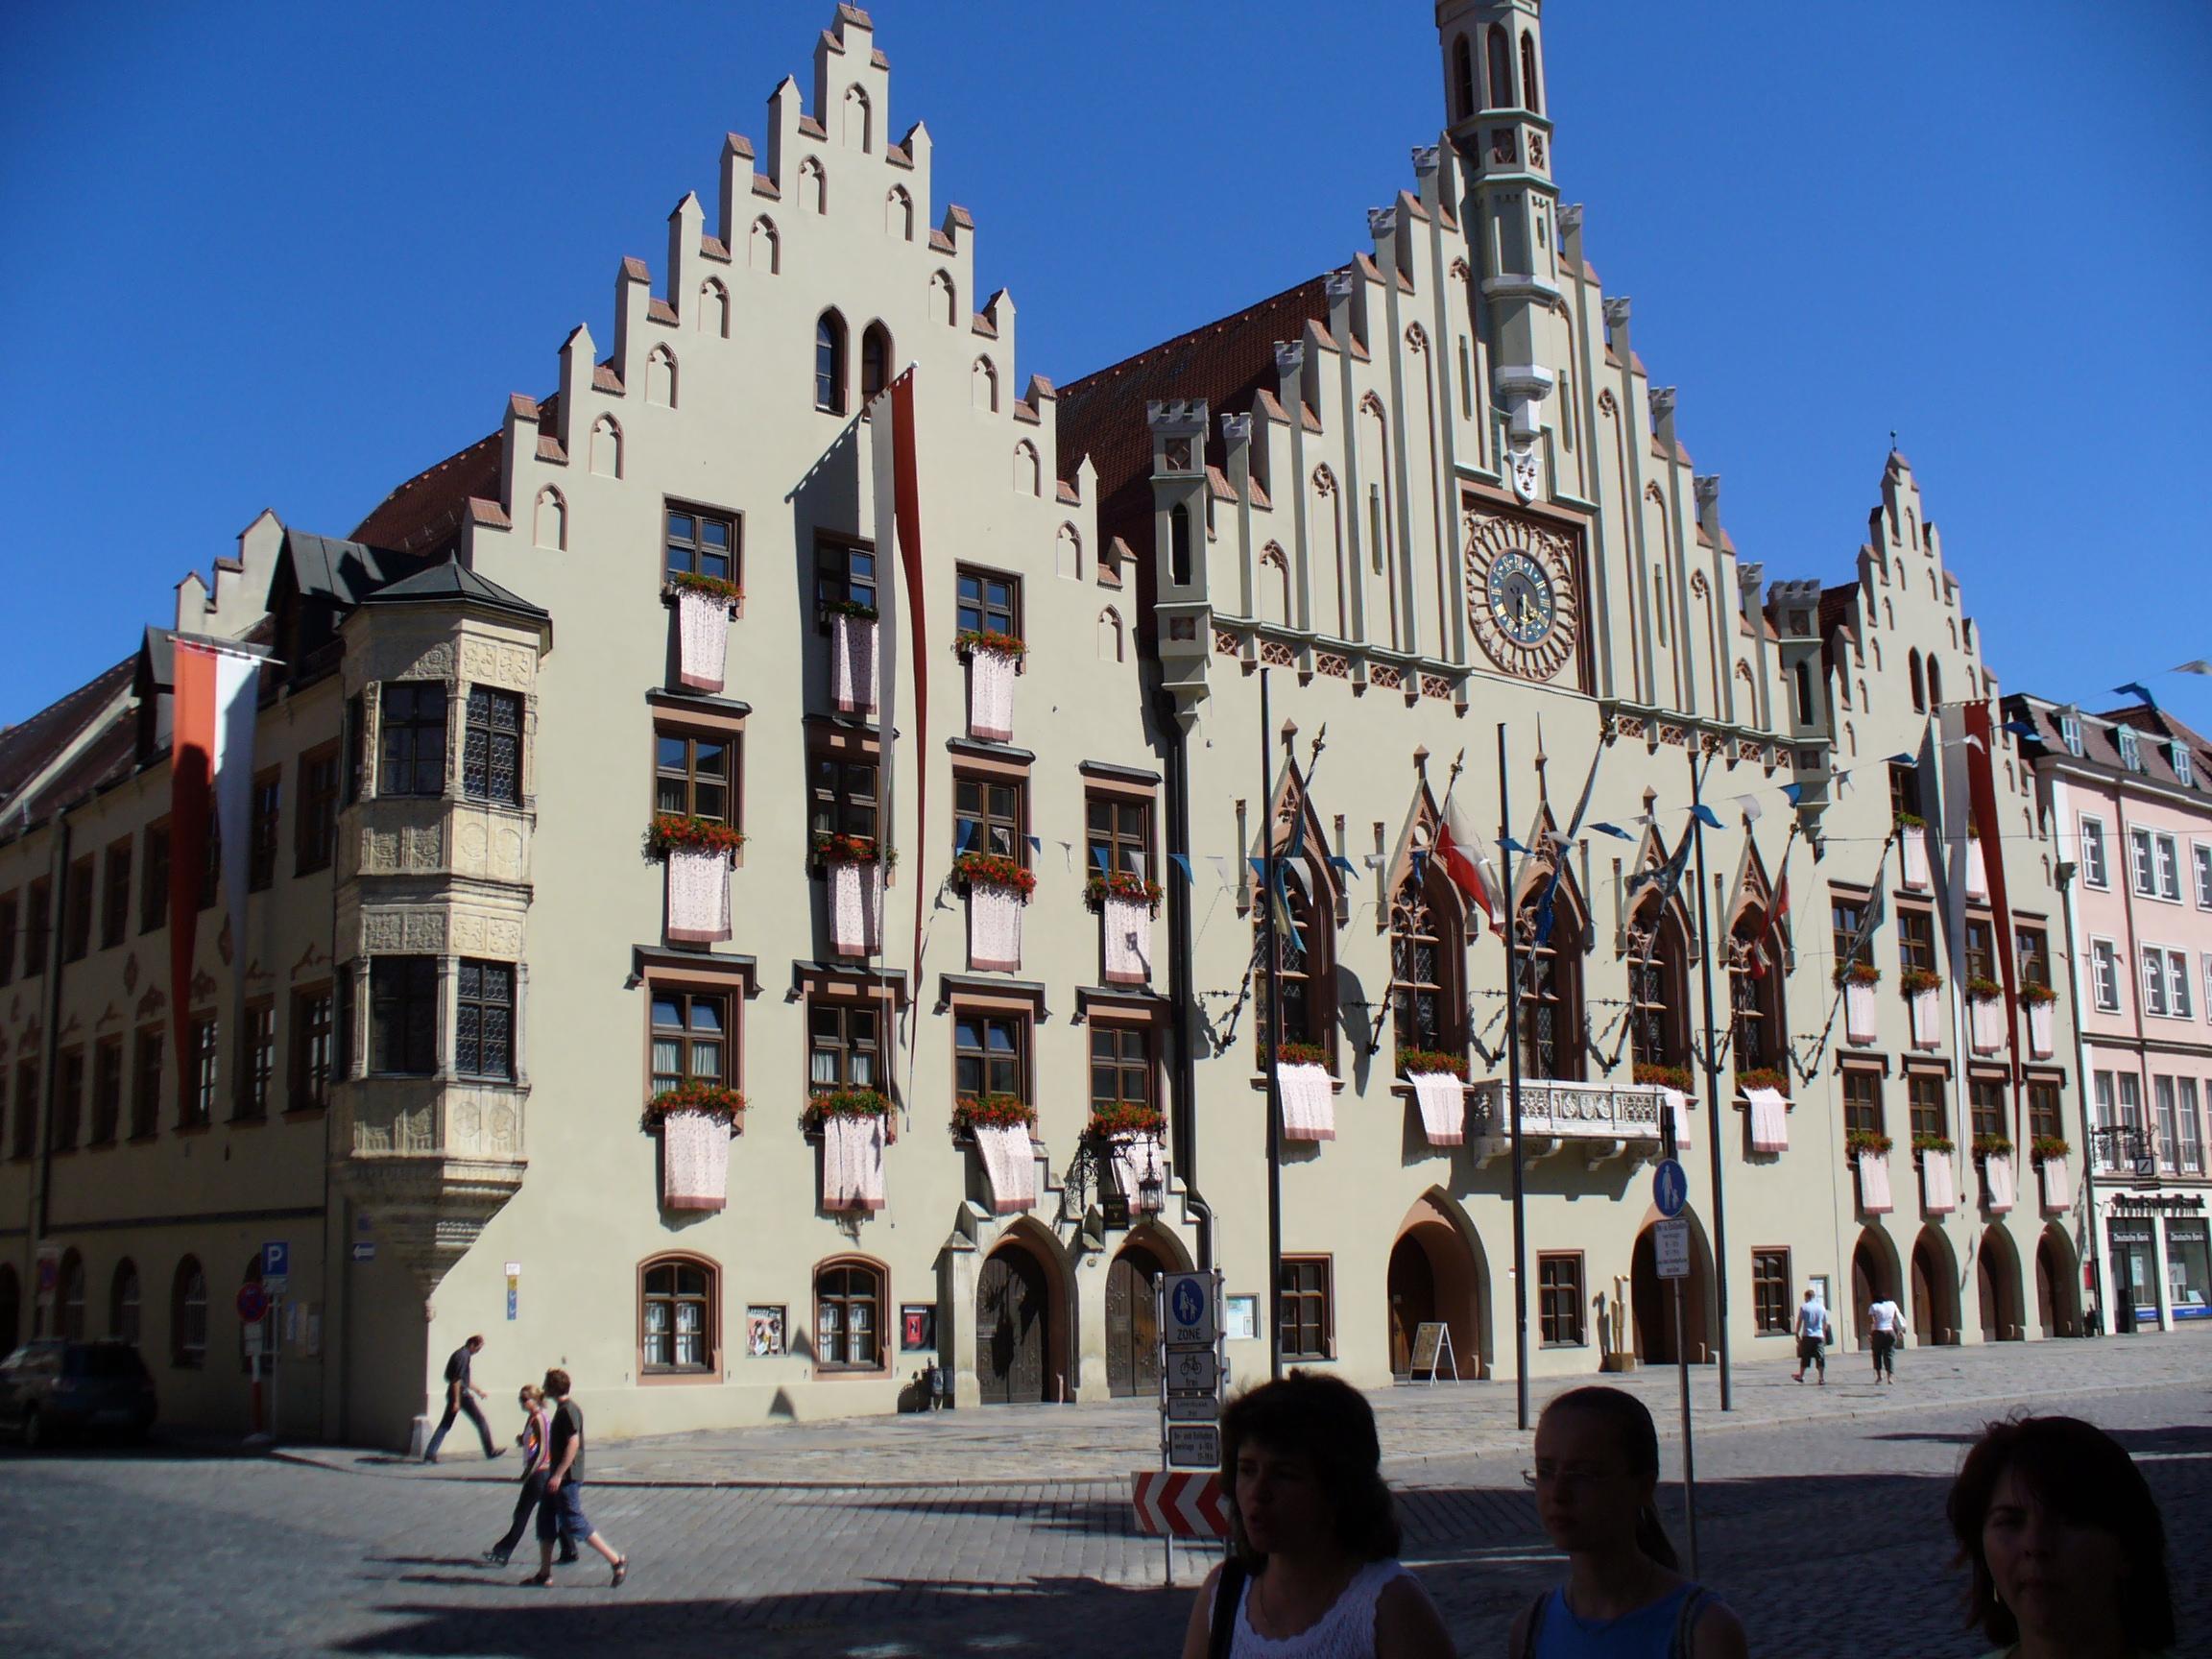 Hotel De Regensburg